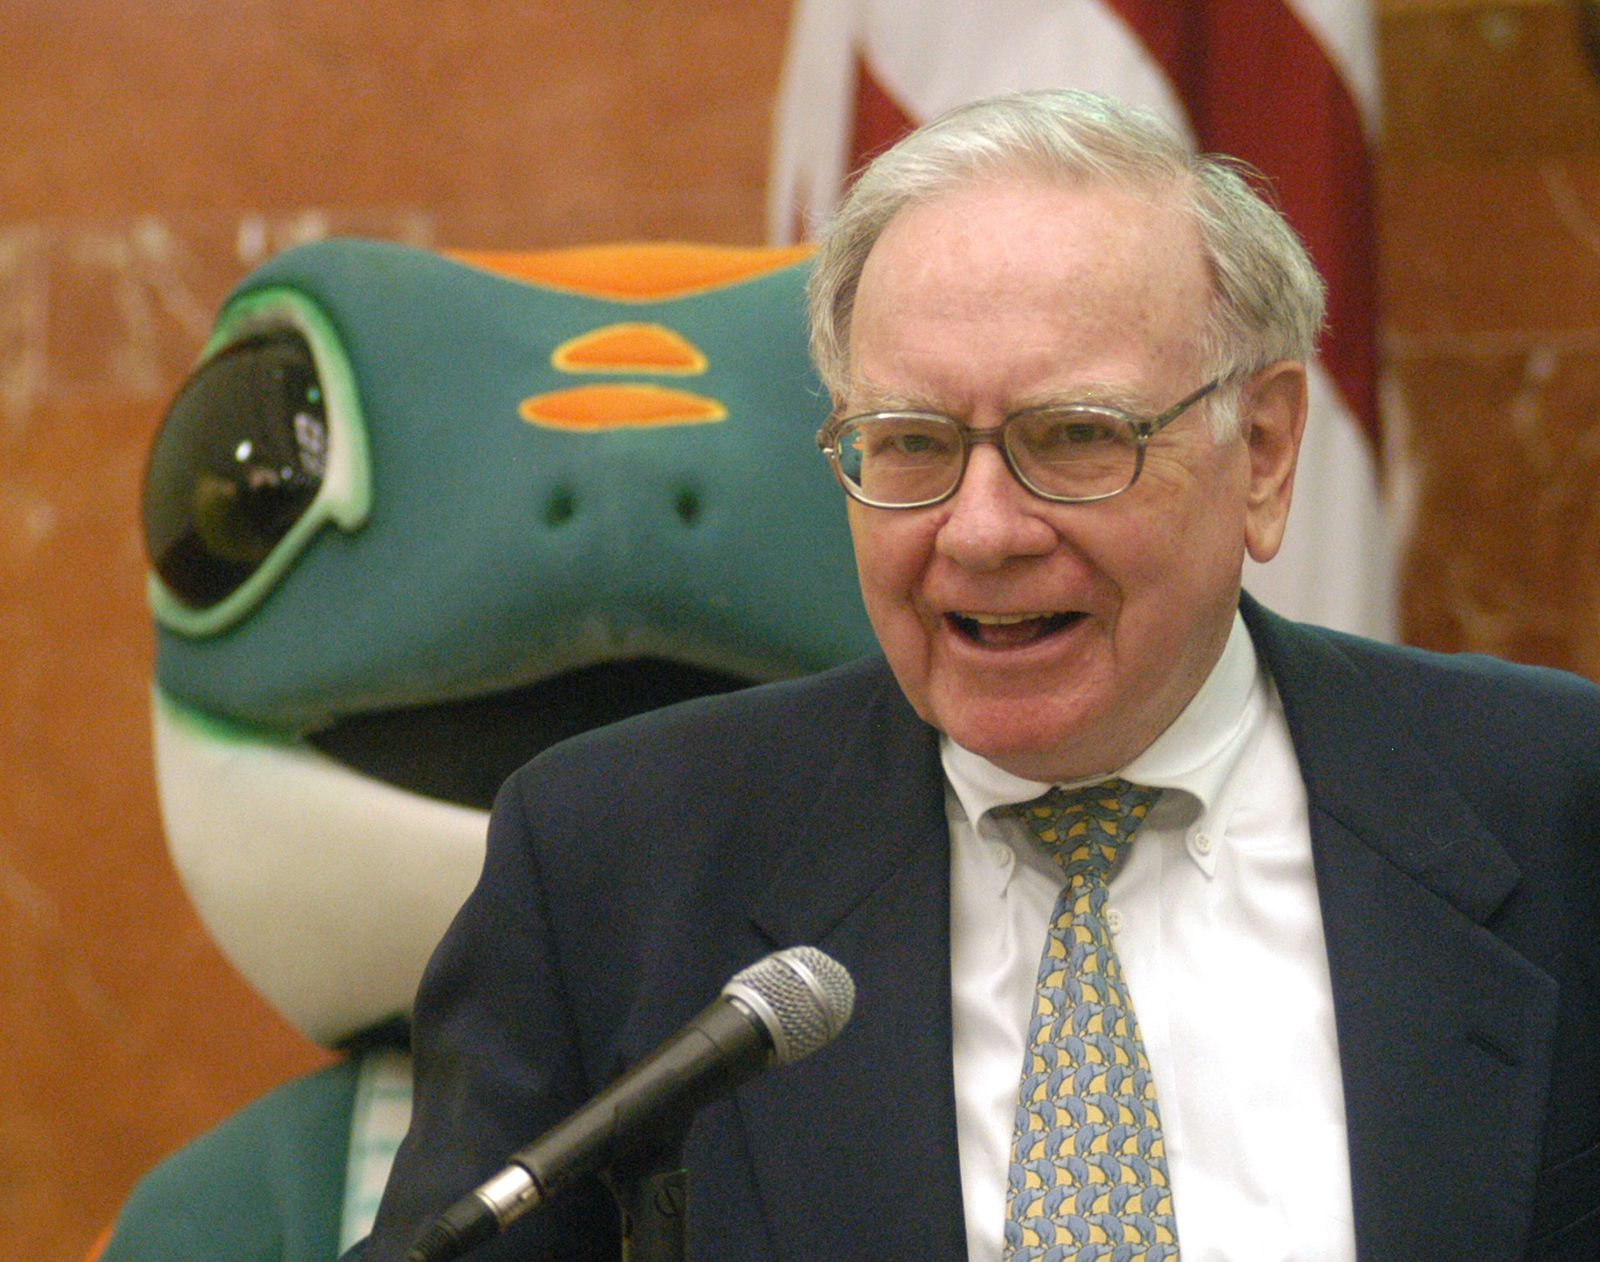 Cuộc đời và sự nghiệp của Warren Buffett qua những tấm ảnh - Ảnh 8.